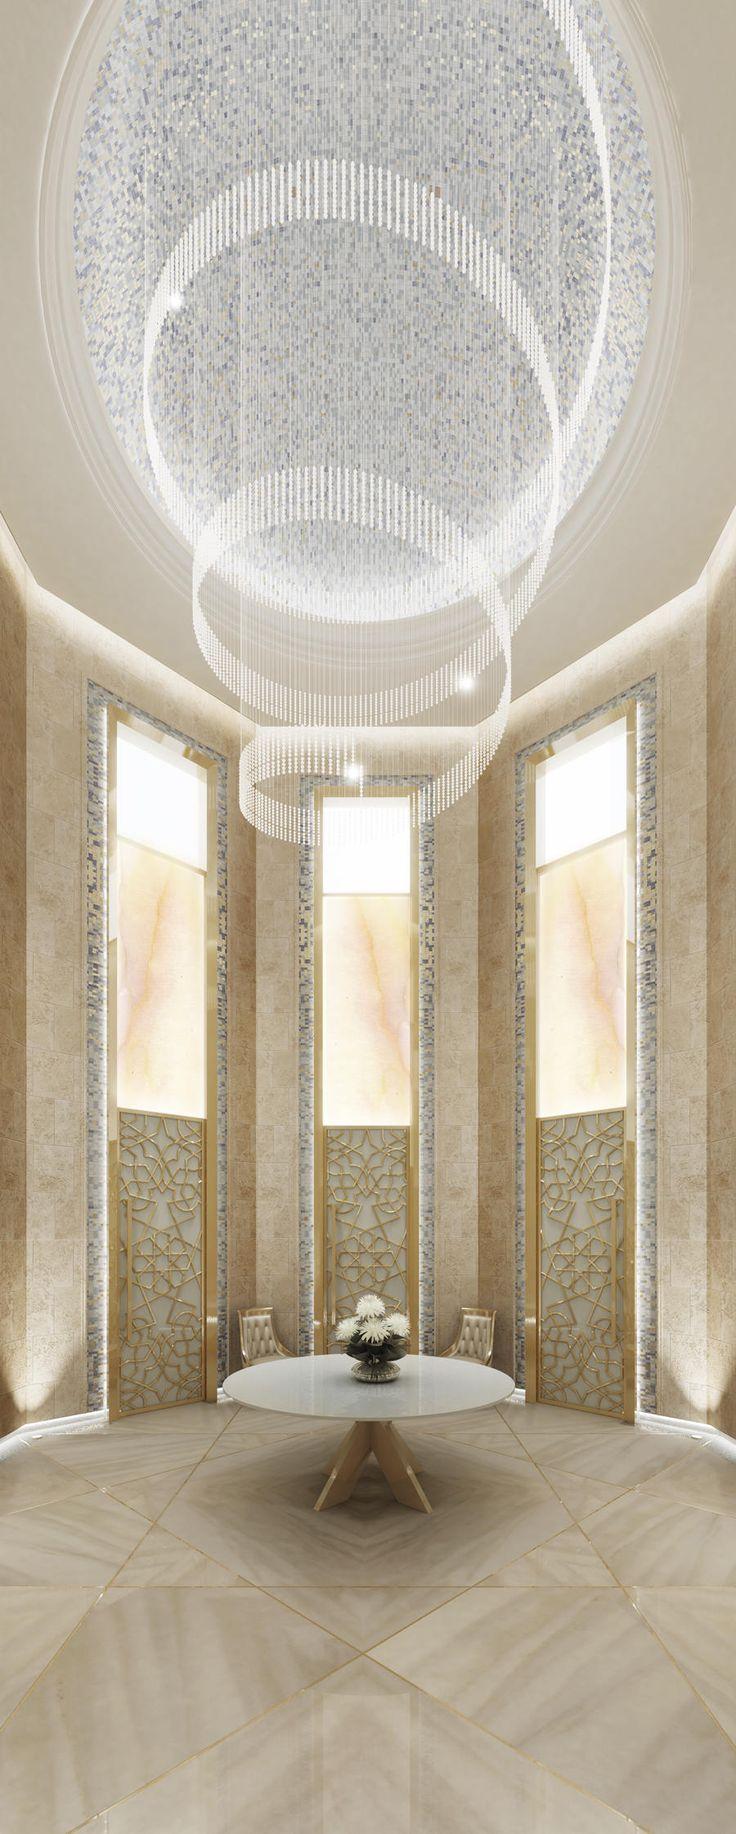 17 best images about my dubai interior design on for Luxury interior design dubai